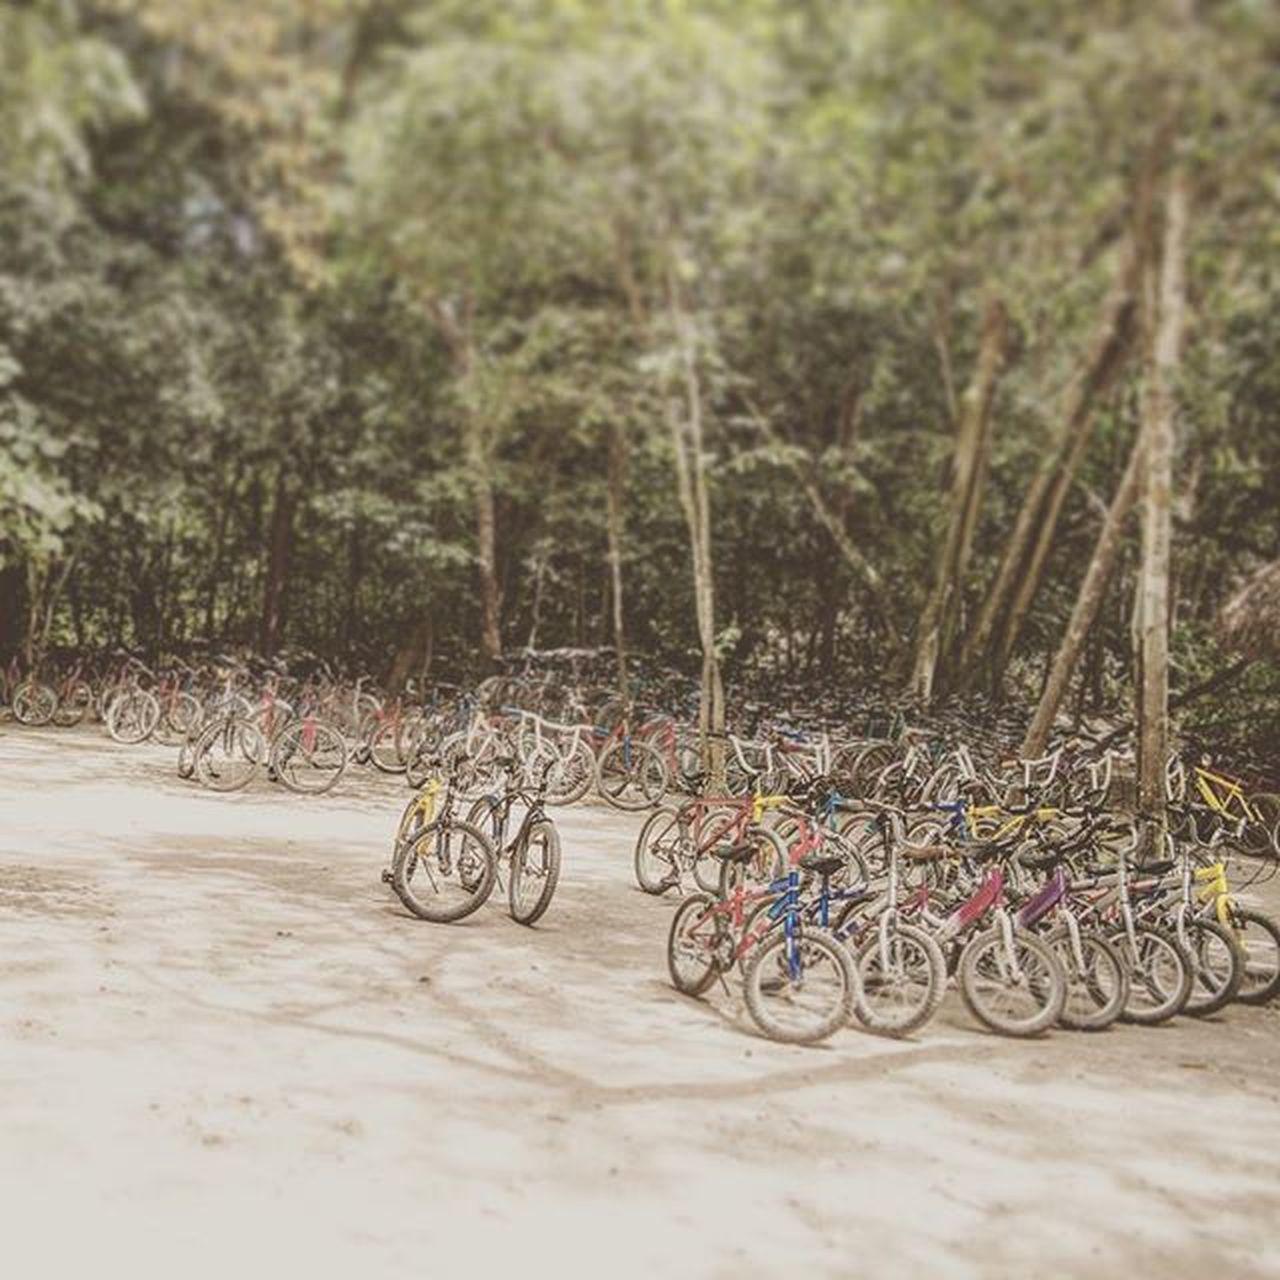 A lot of bikes at Coba. Mexico Mexiko Mexico2015 Coba Cobaruins Amassofbikes Bikingforeverybody Rideabike Crazybikes